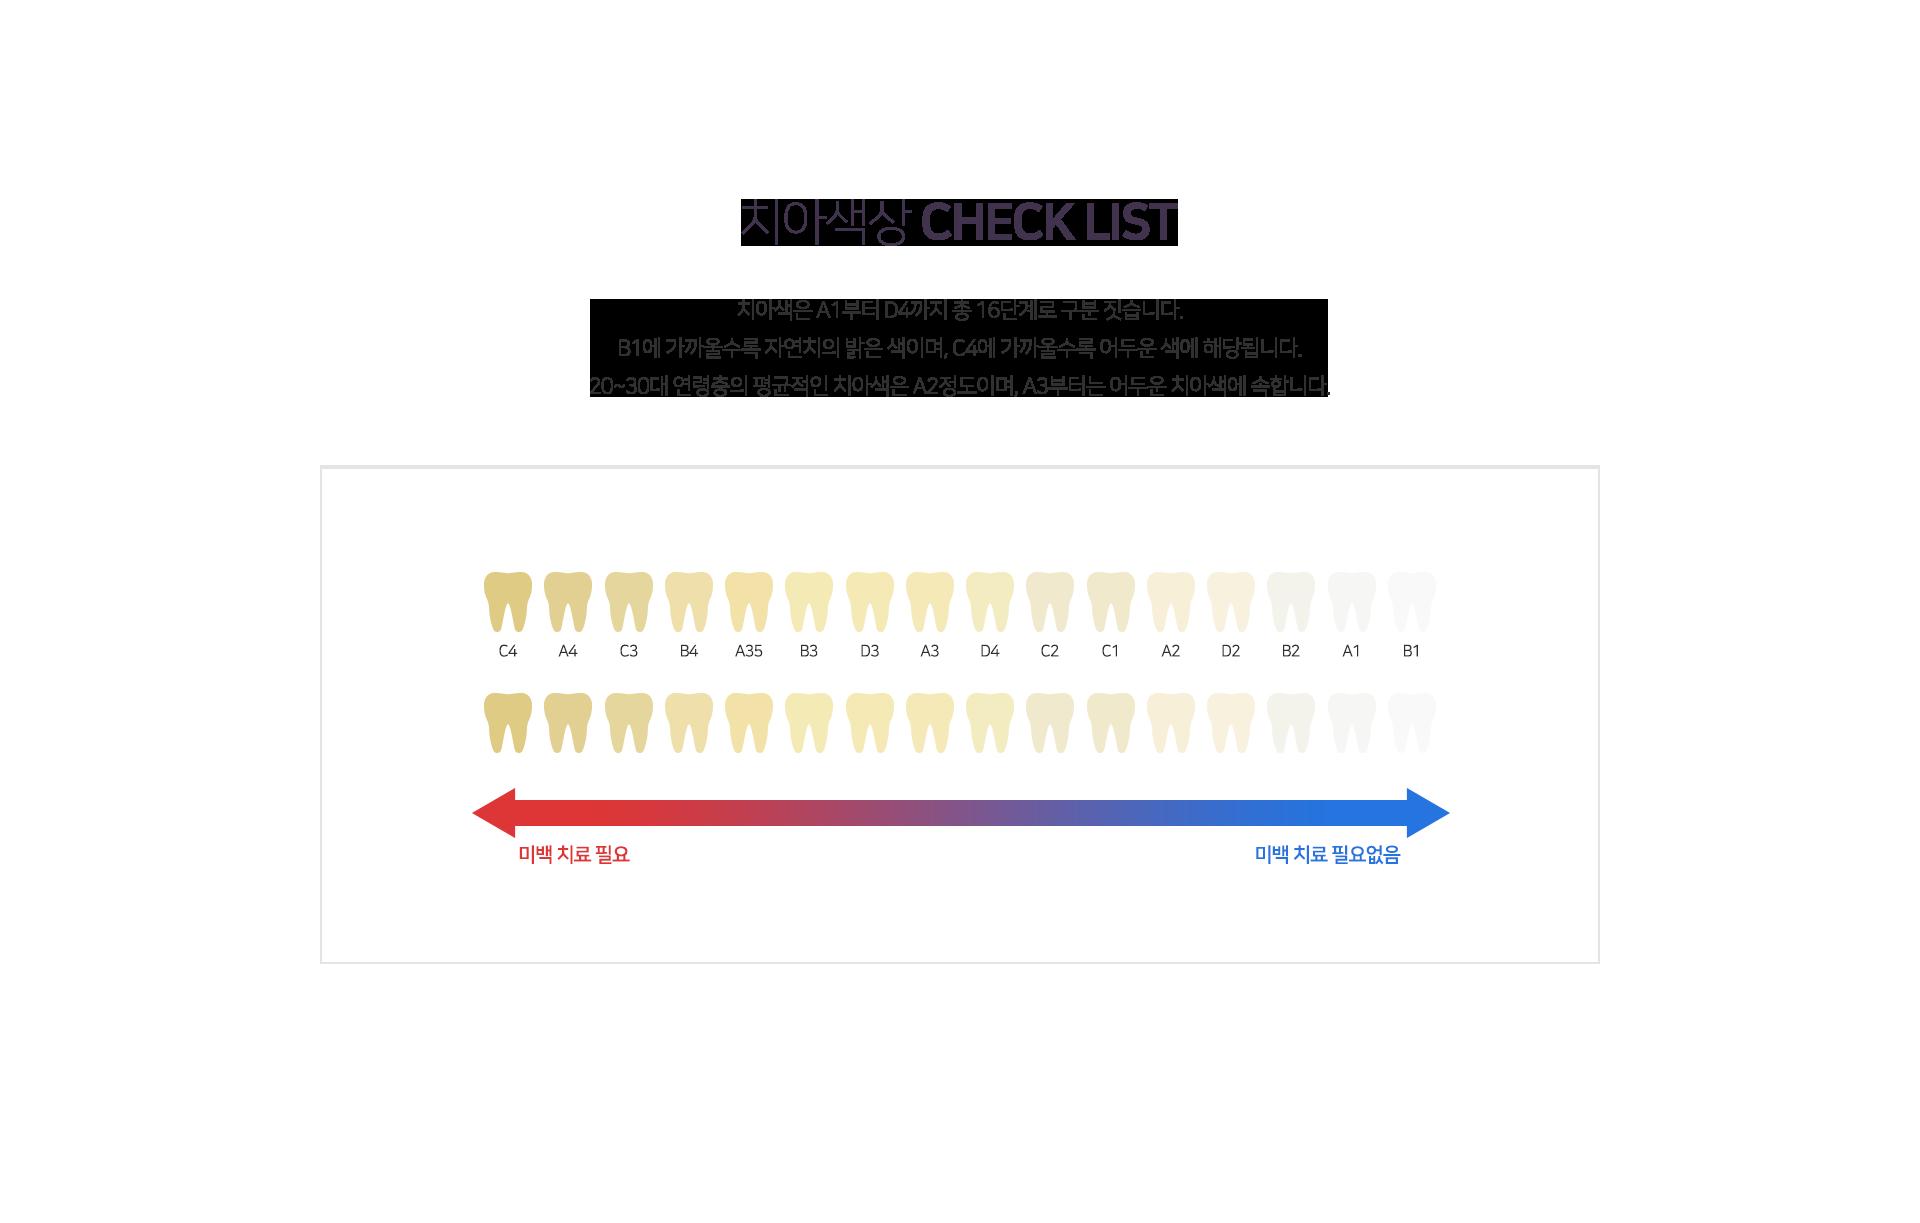 치아색상 CHECK LIST